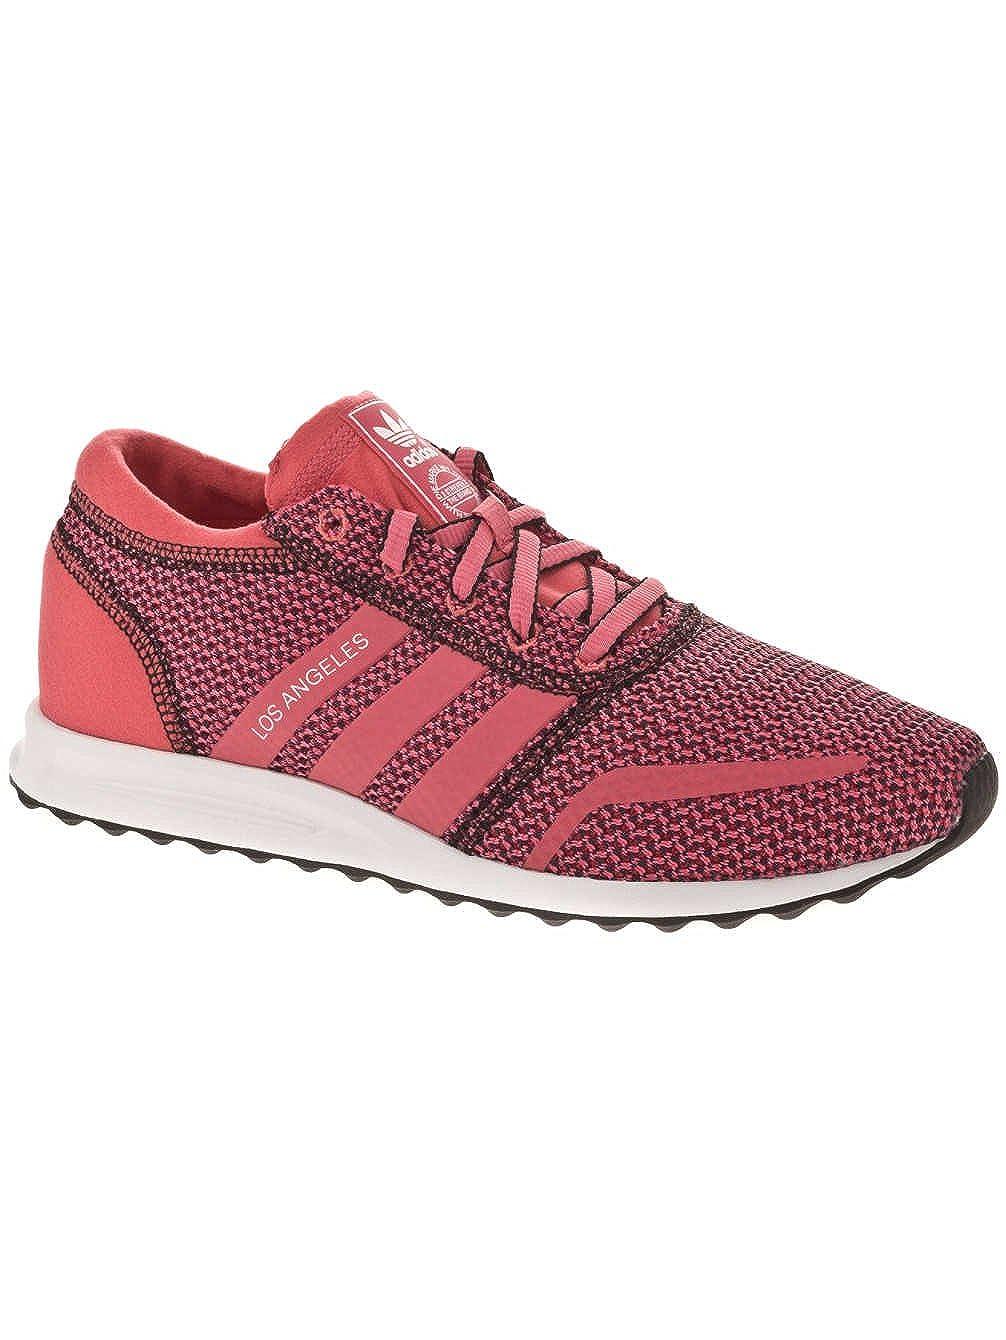 Adidas Originals Los Angeles, Damen Sneakers Rose Rose Sneakers 094be5